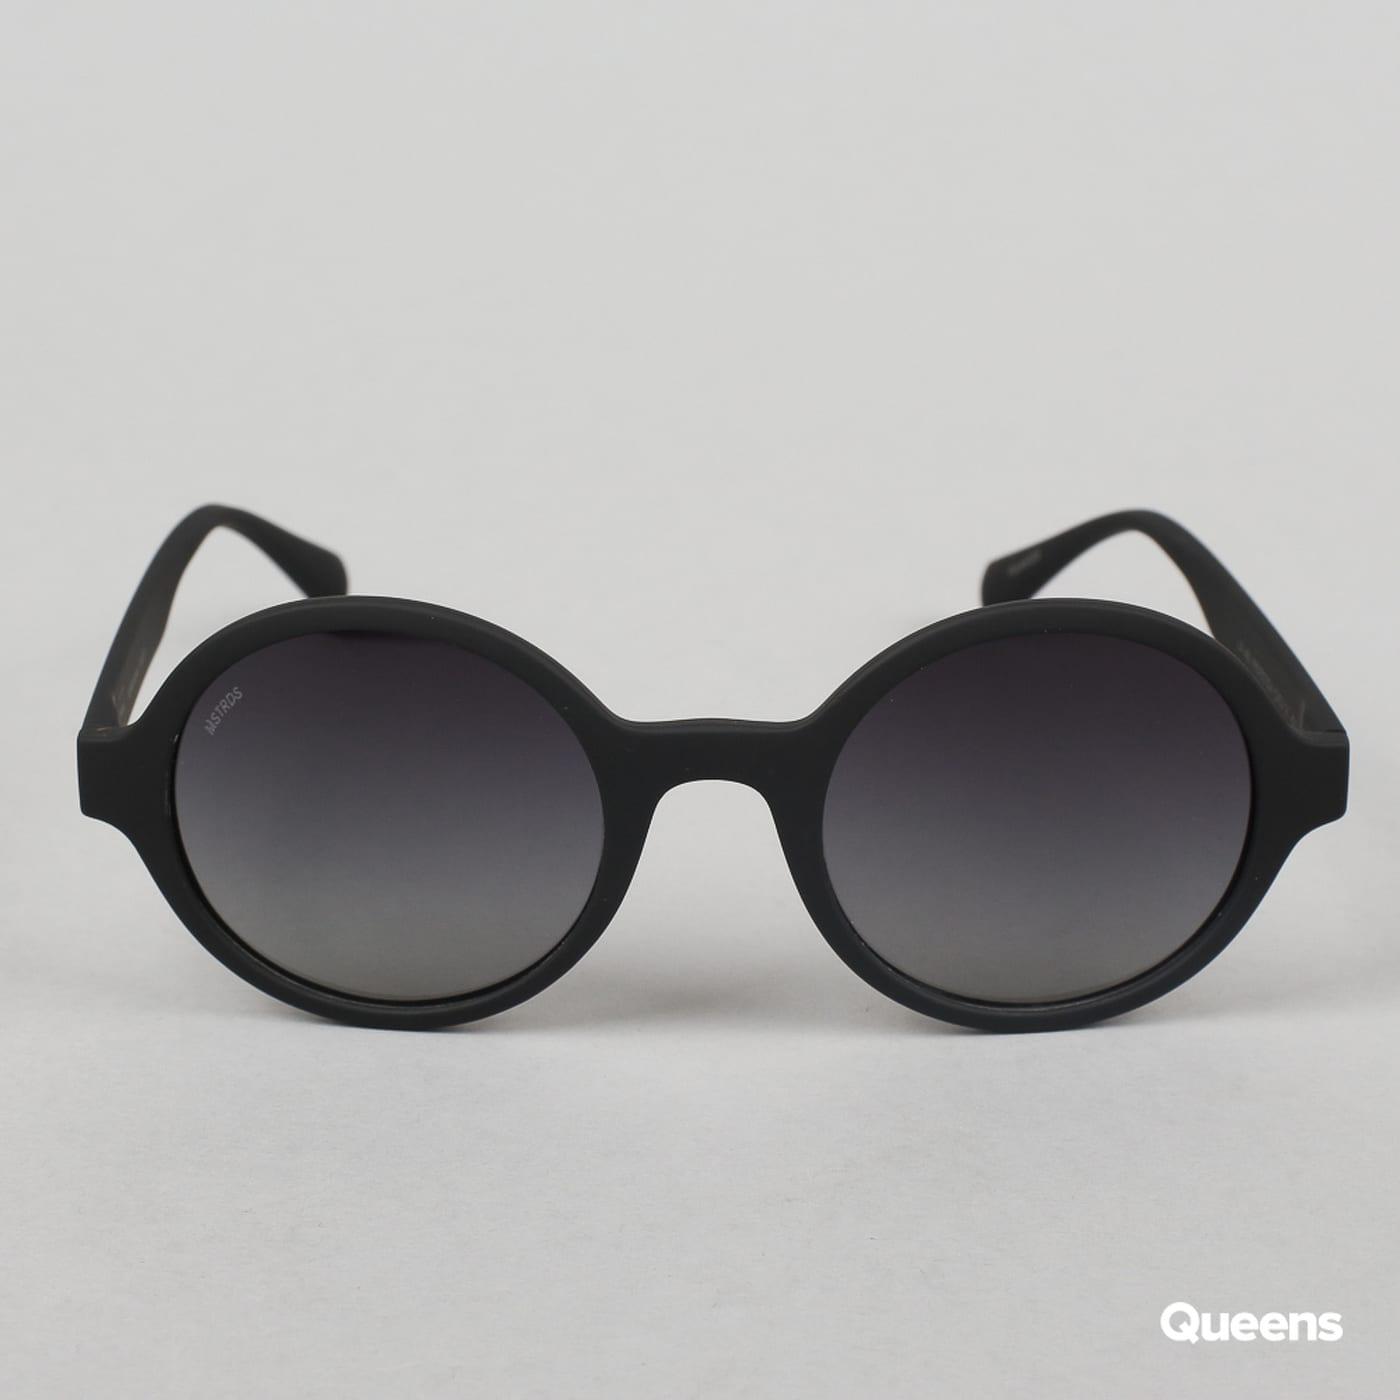 MD Sunglasses Retro Funk black / gray